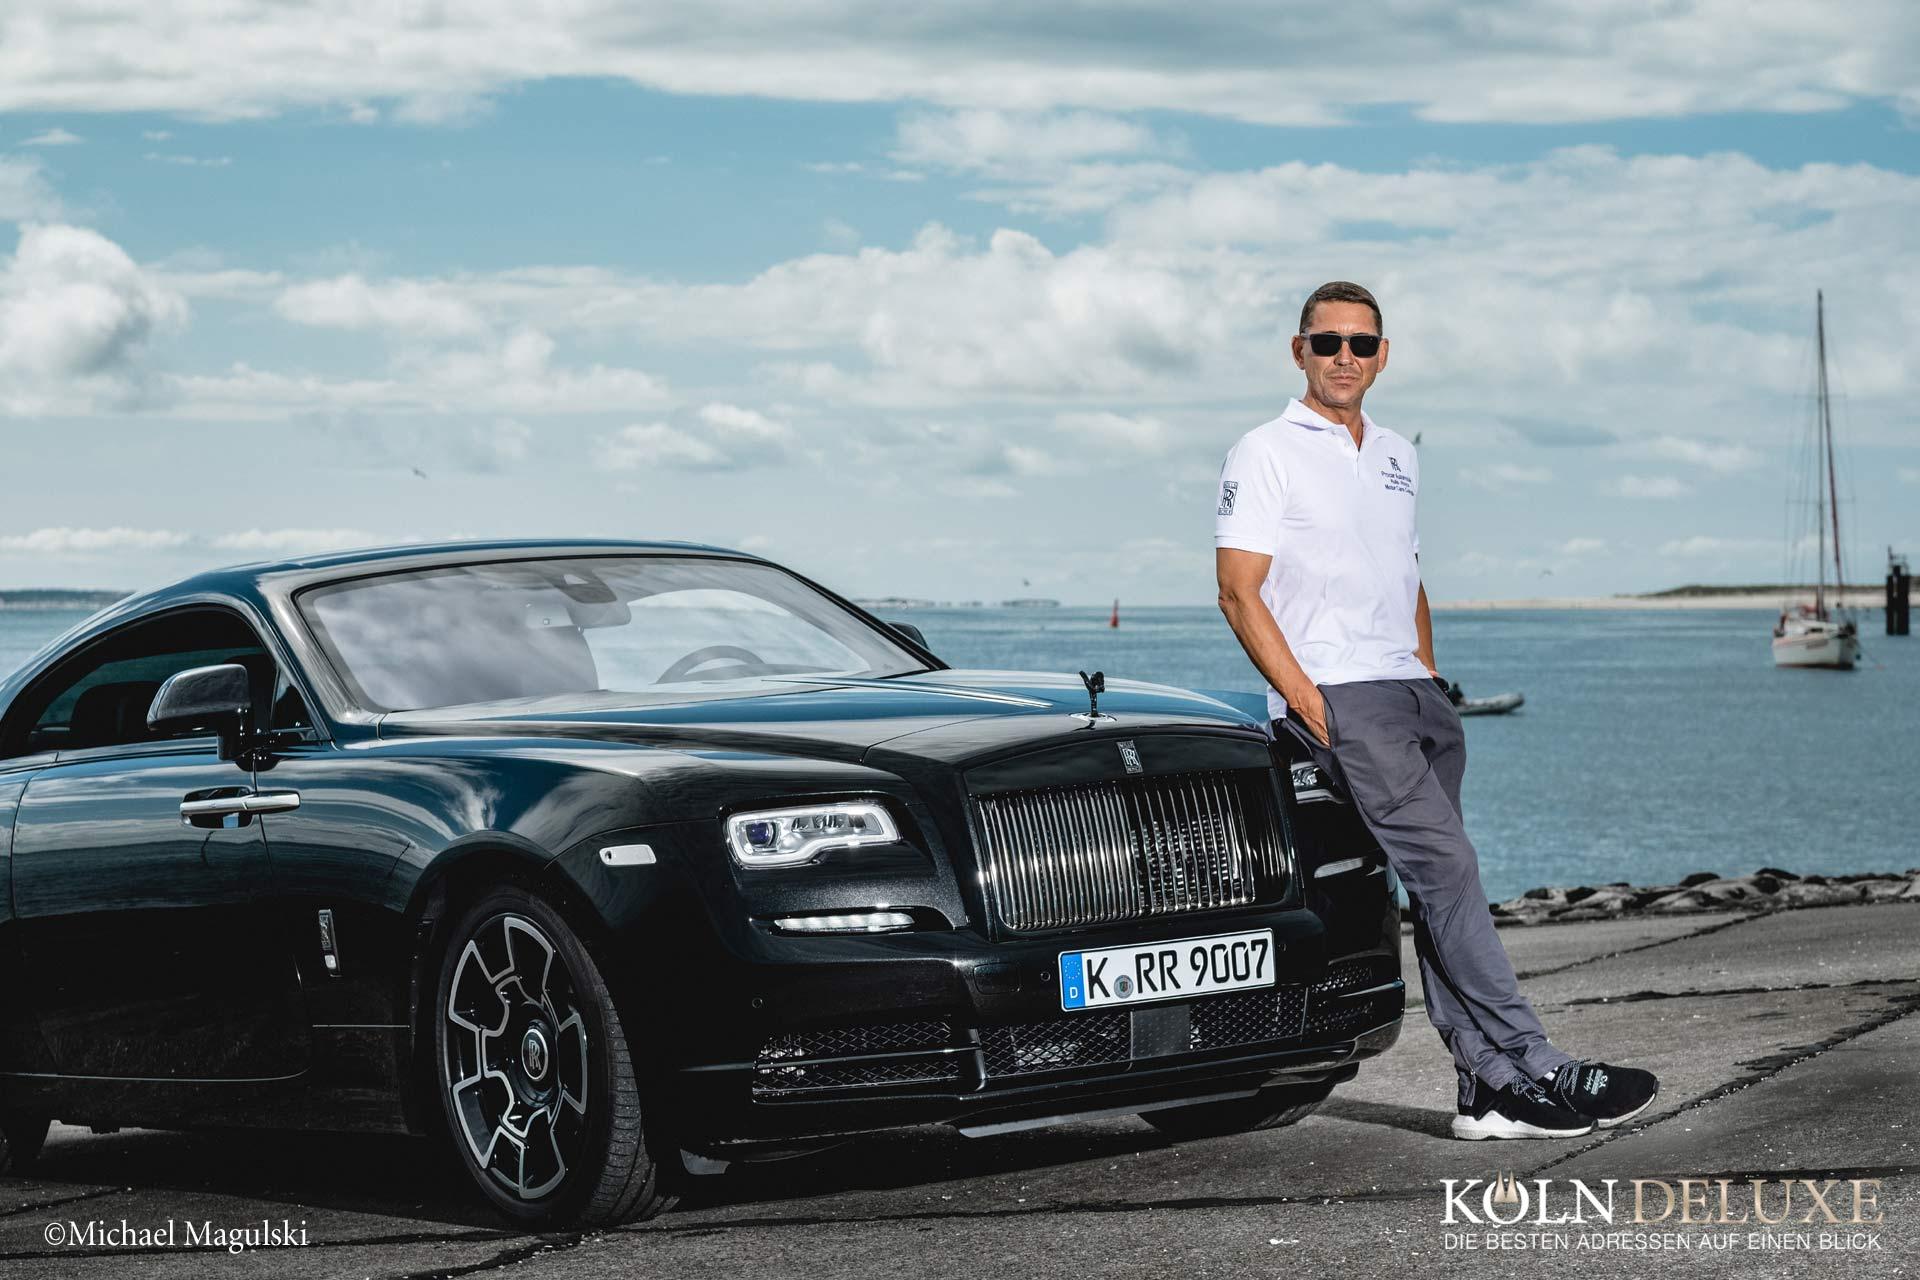 Erneuet Auszeichnung für Rolls-Royce Motor Cars Cologne